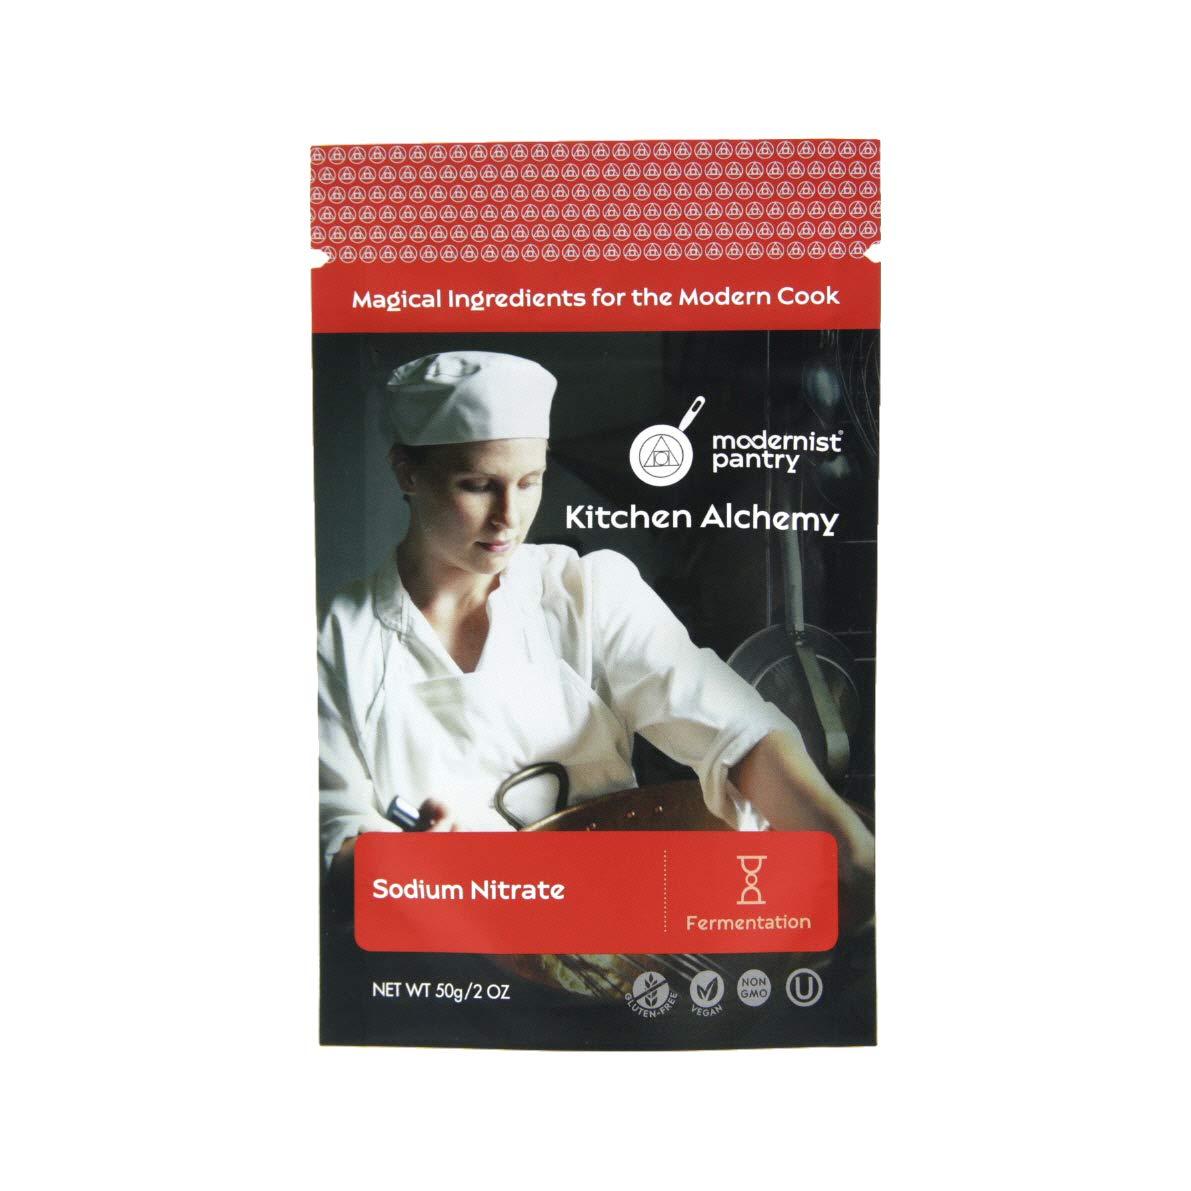 Sodium Nitrate ⊘ Non-GMO ❤ Gluten-Free ☮ Vegan ✡ OU Kosher Certified - 50g/2oz